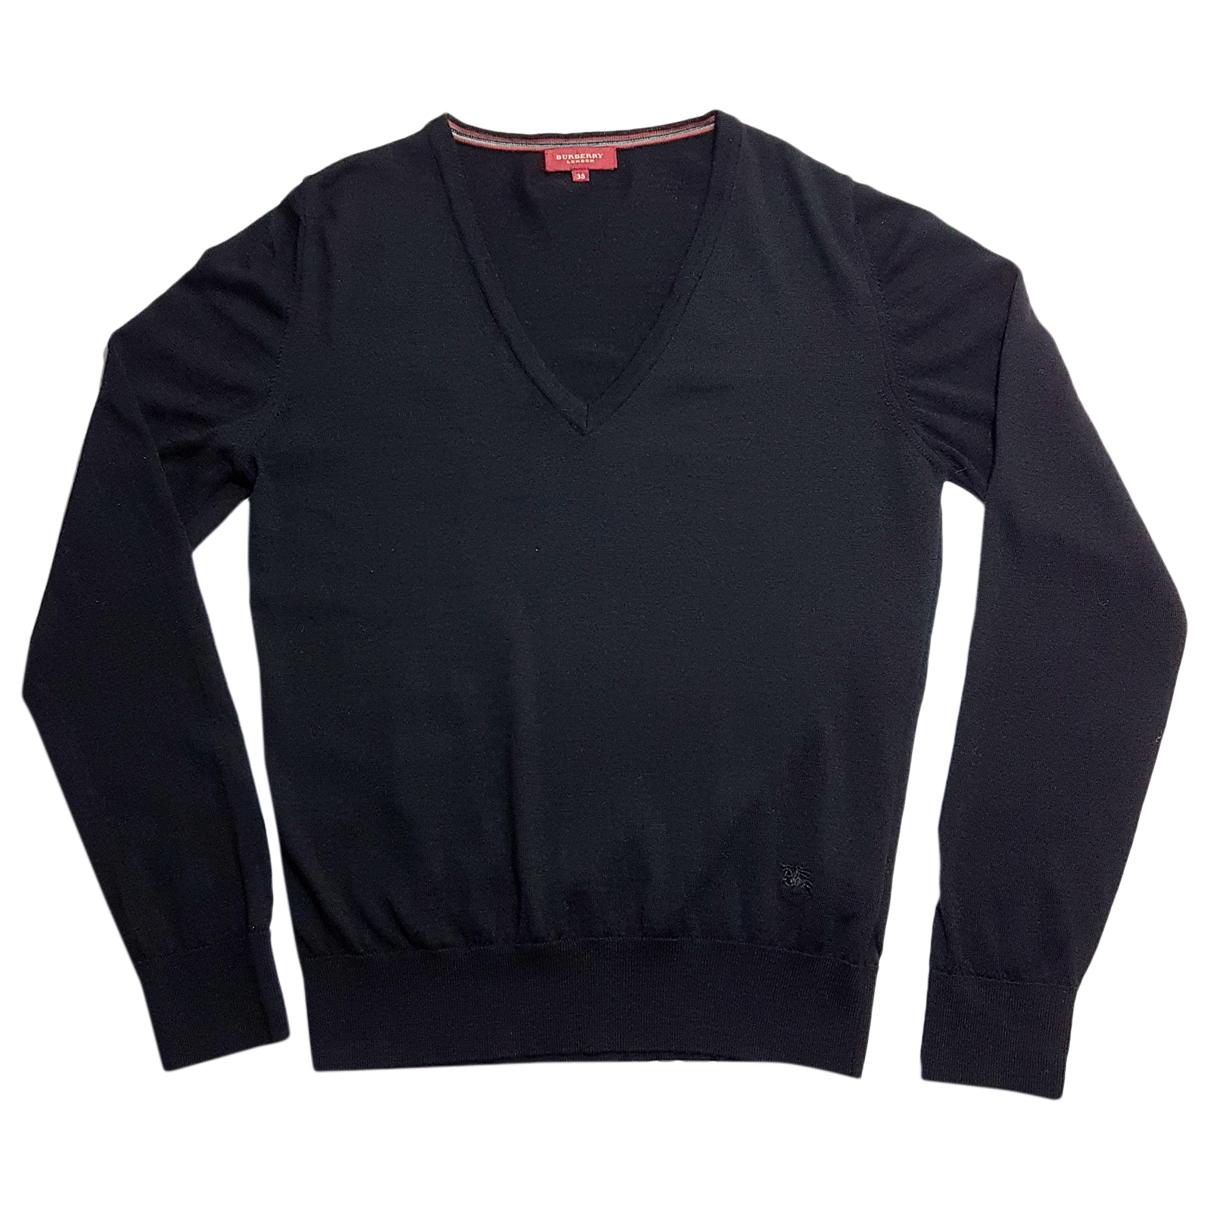 Burberry - Pull   pour femme en laine - noir